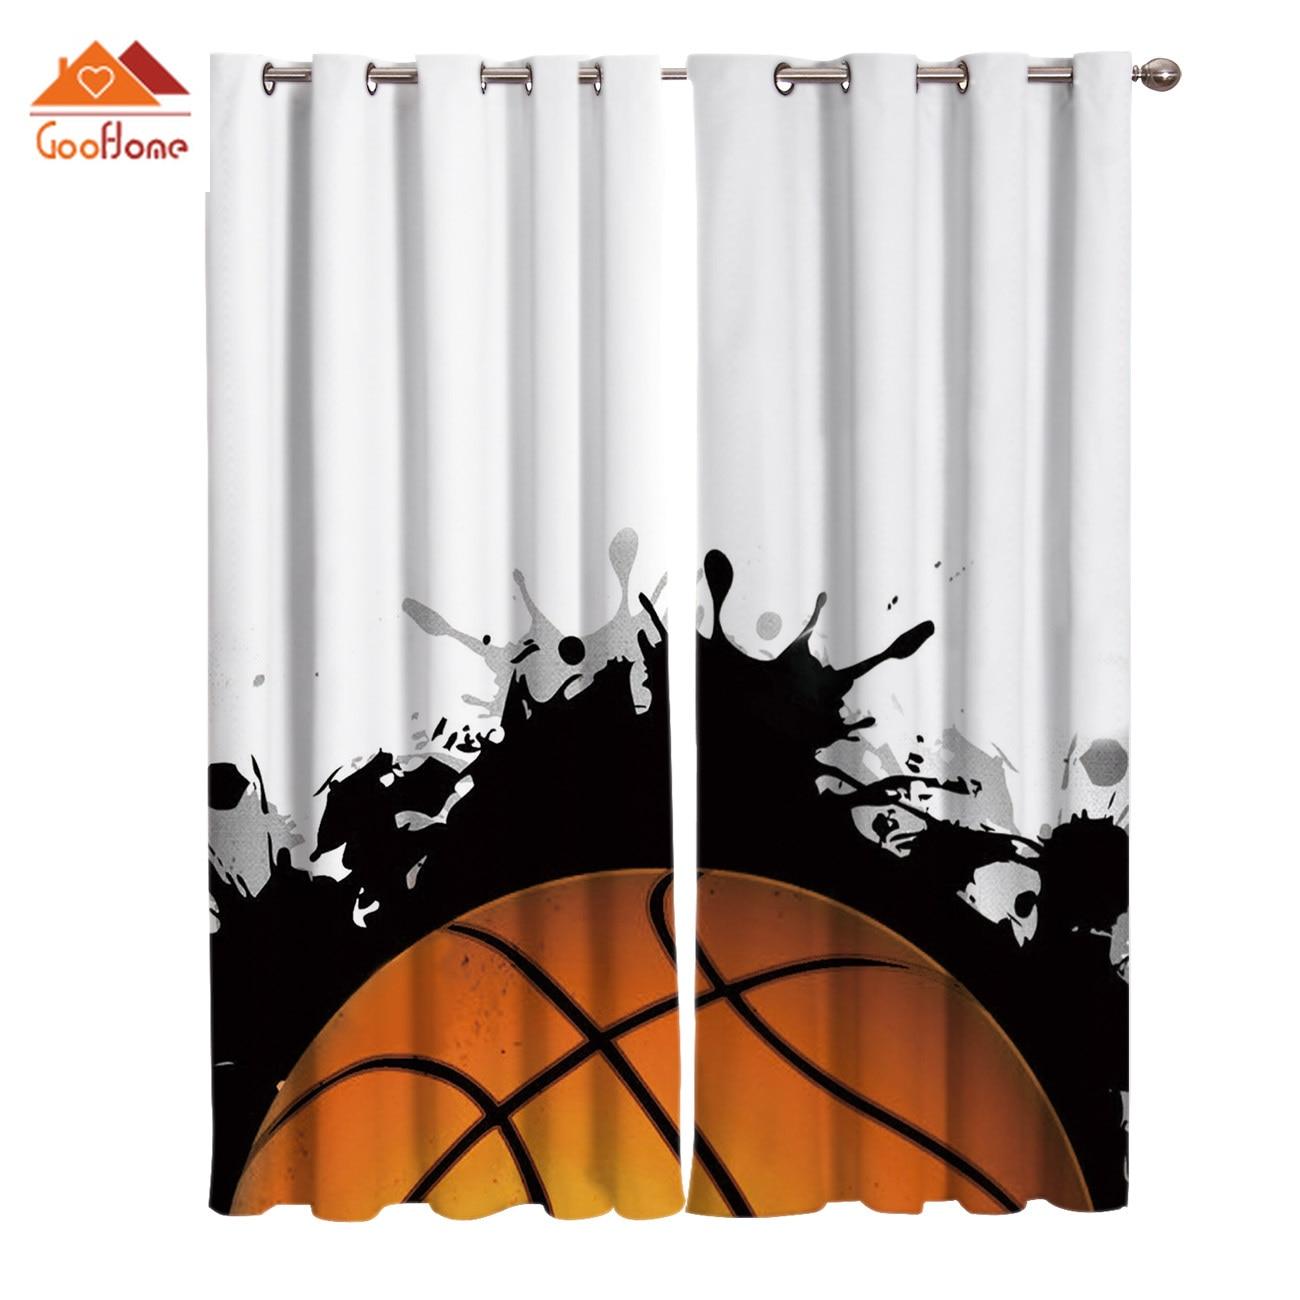 Мультяшный баскетбольный дизайн оконные занавески s гостиная наружная ткань занавески домашний декор